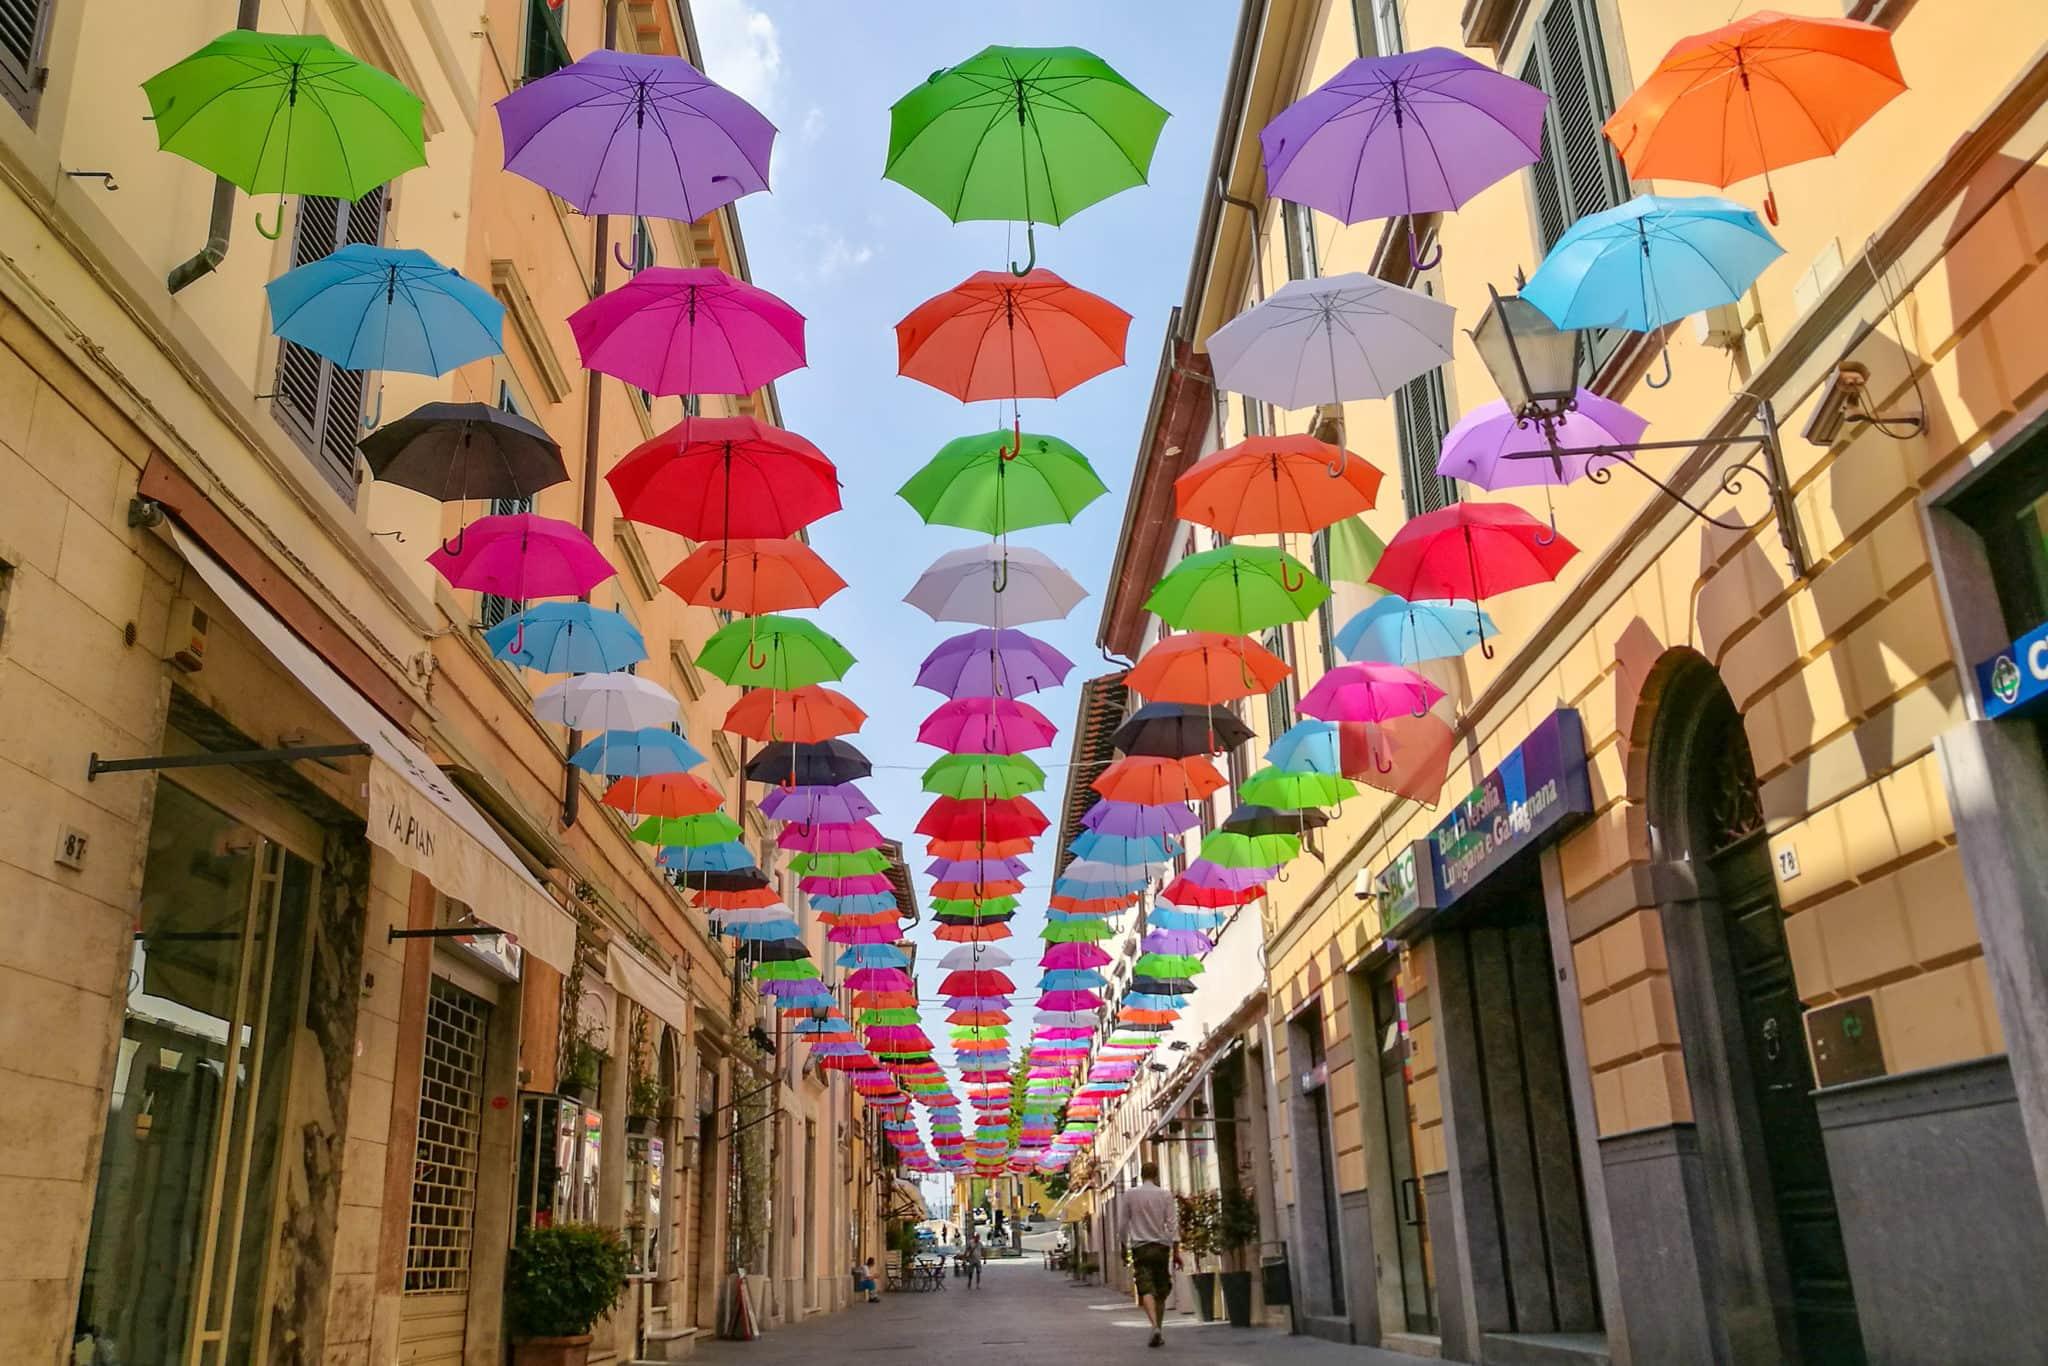 a person walking in Via Mazzini under the floating umbrellas in Pietrasanta